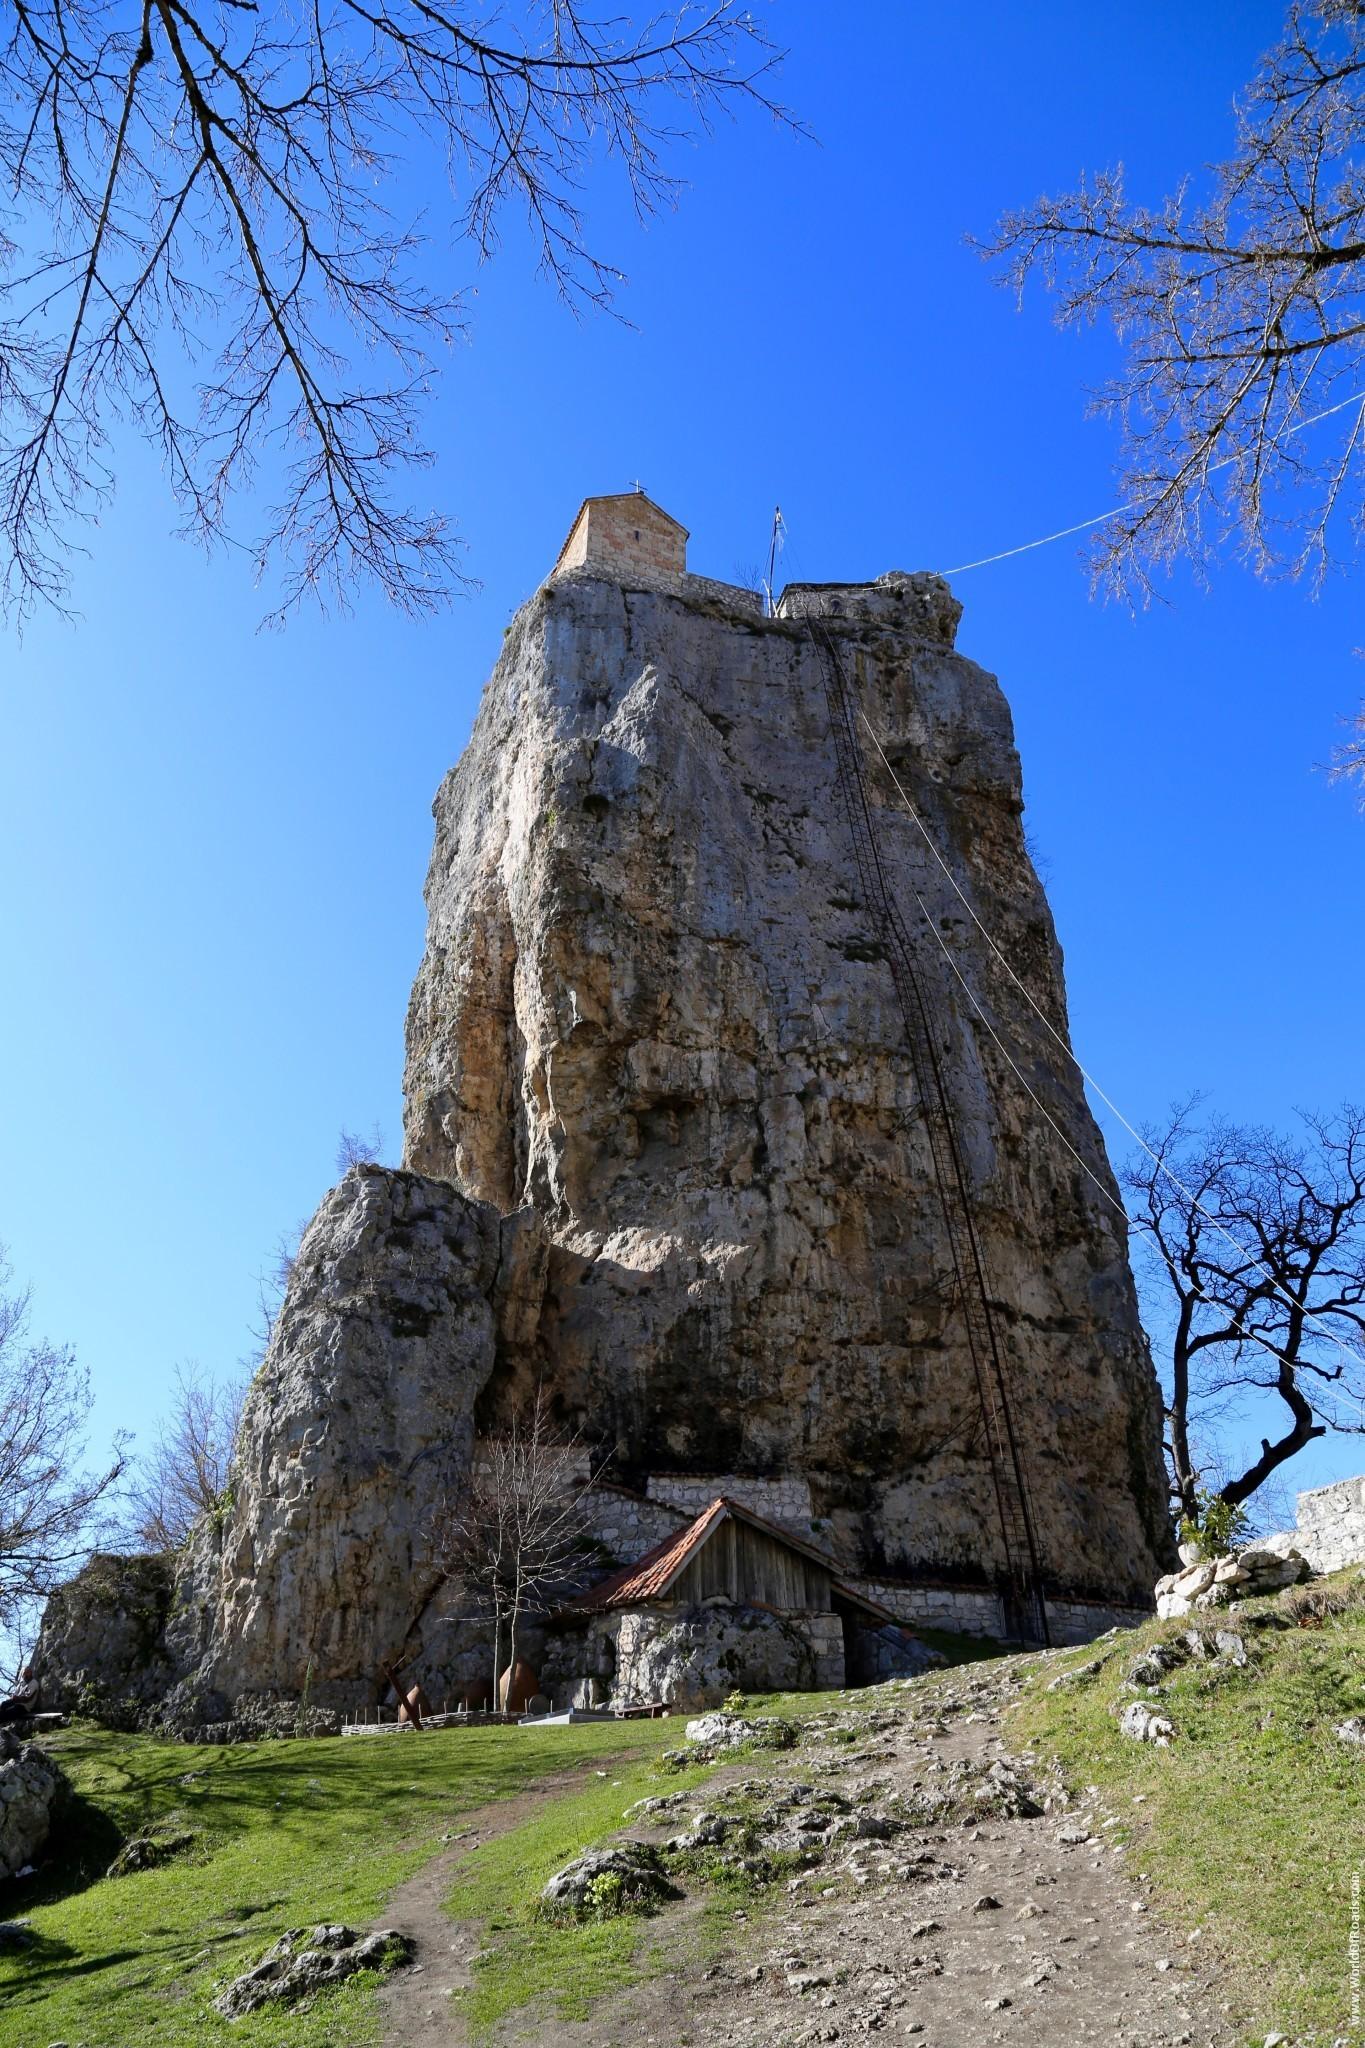 Церковь на вершине скалы - столп Кацхи